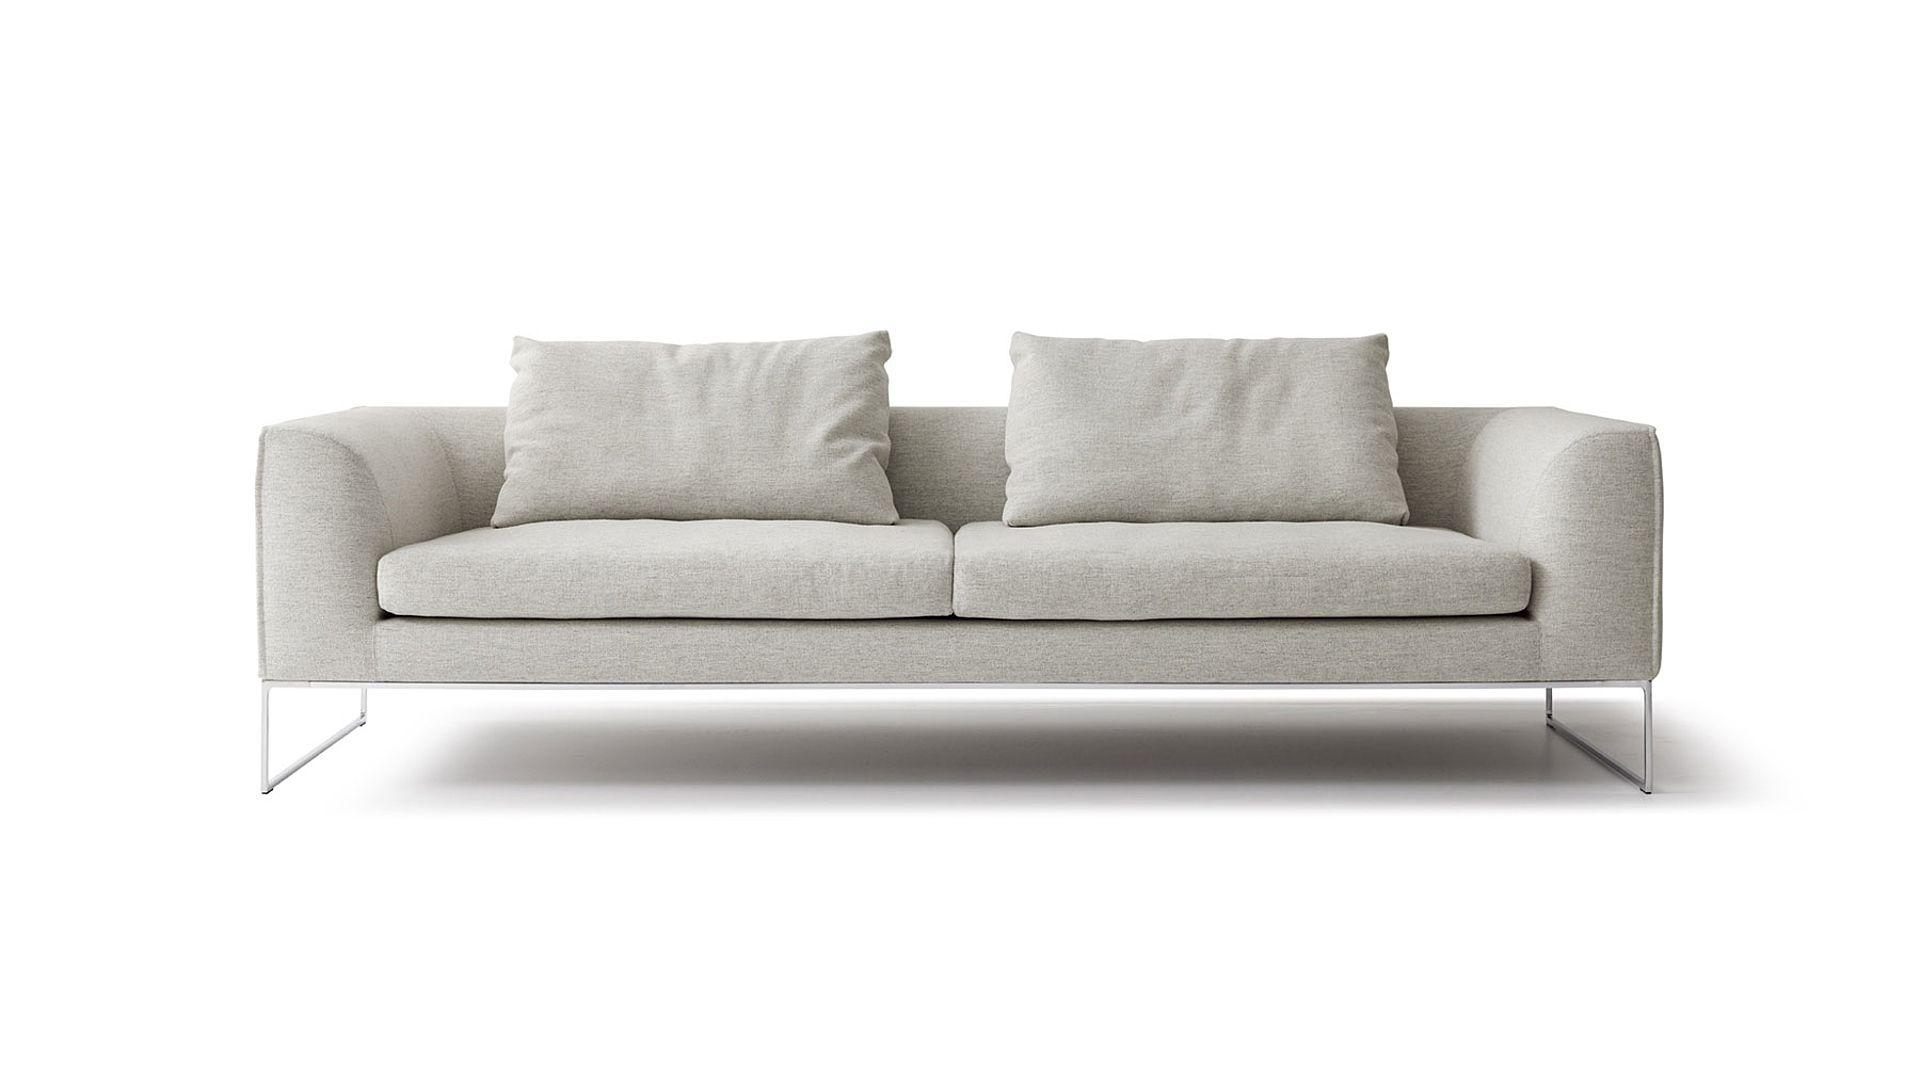 Mell Lounge Sofa Jehs Laub Cor Sofa Furniture Lounge Sofa